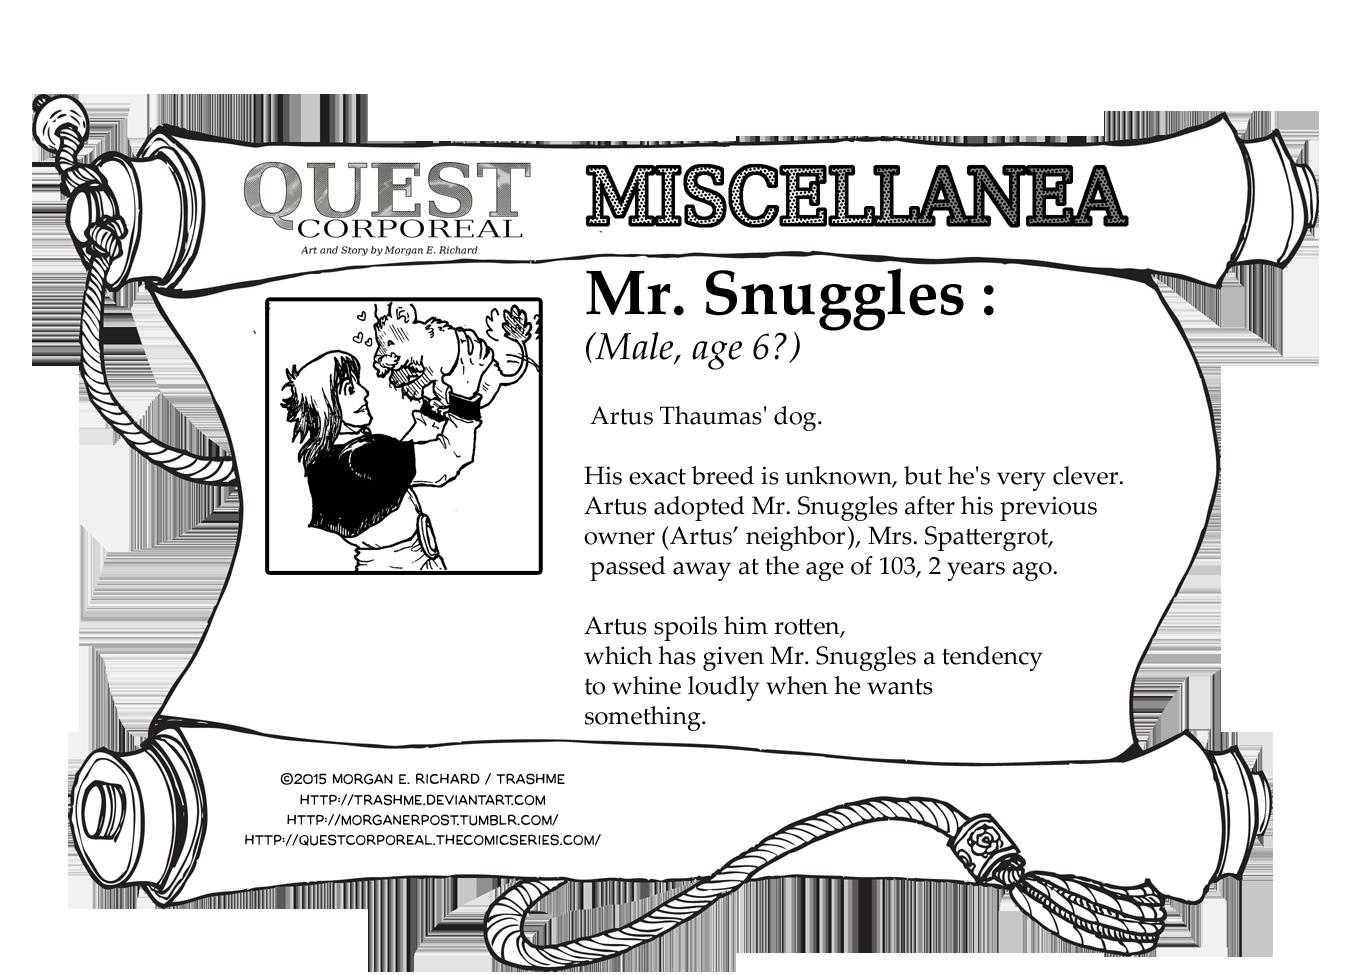 Miscellanea Corporeal: Mr. Snuggles